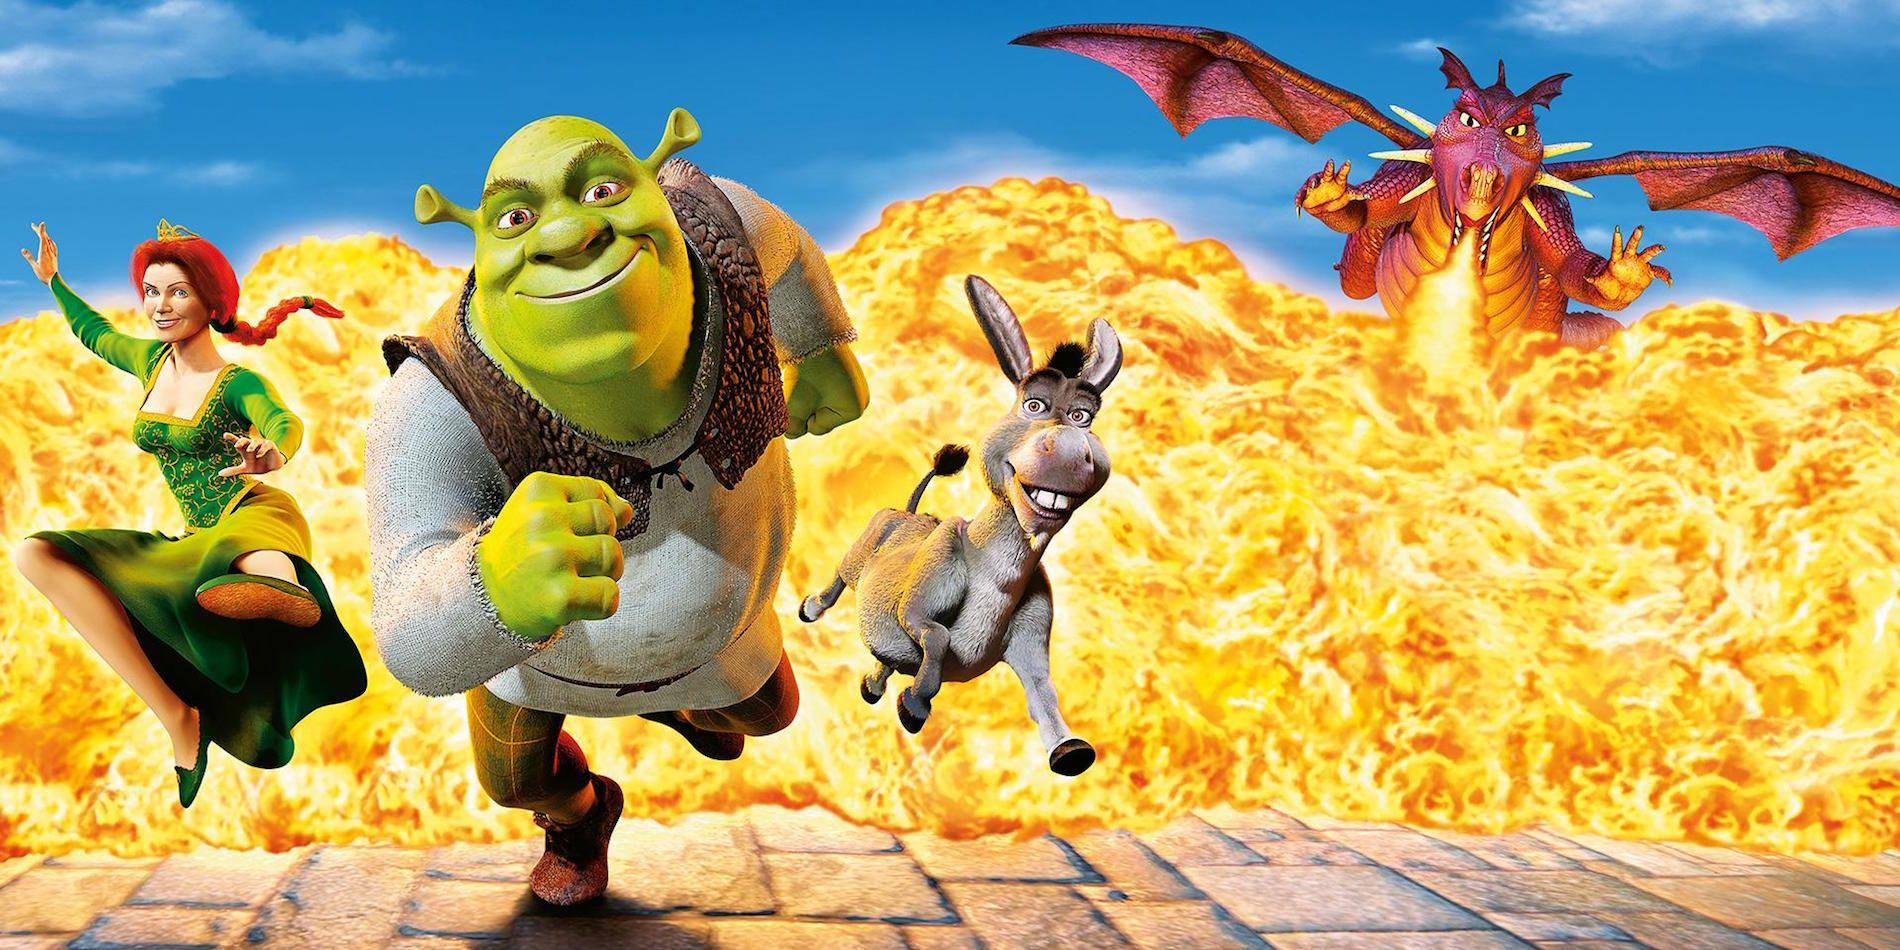 Shrek release date in Sydney